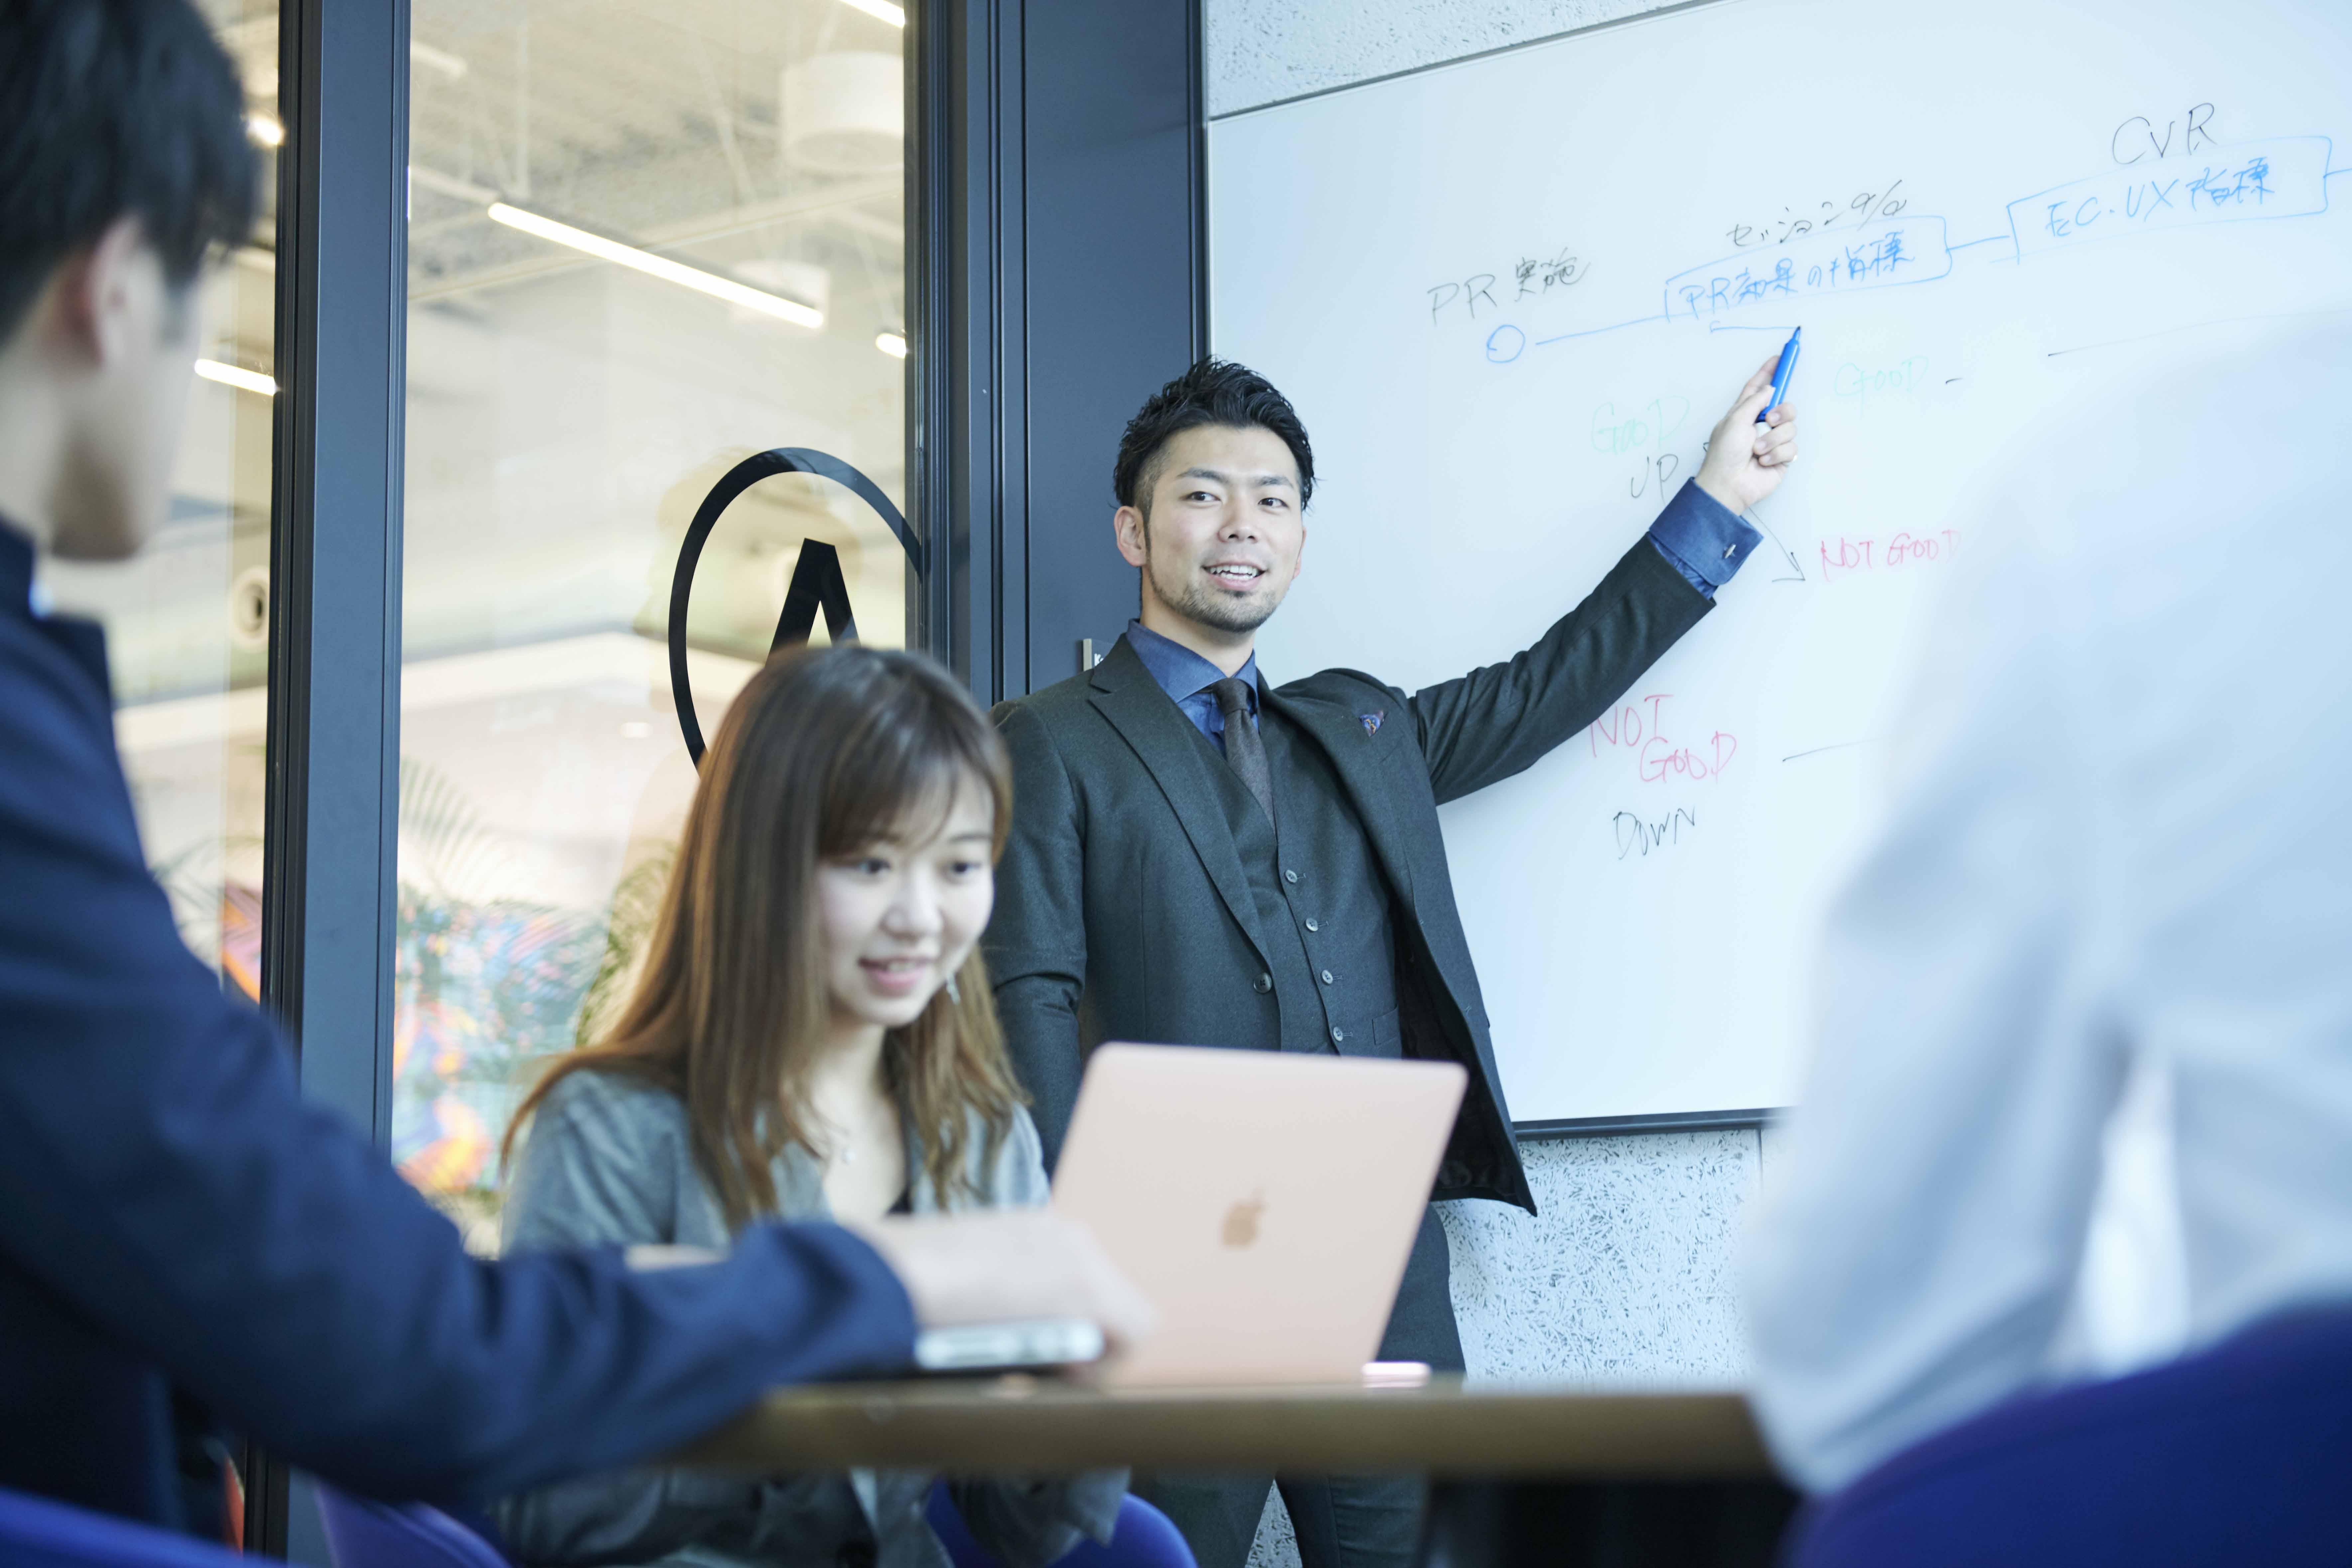 僕も学生のときにインターンでこの業界に入りました/社長 佐藤雅紀